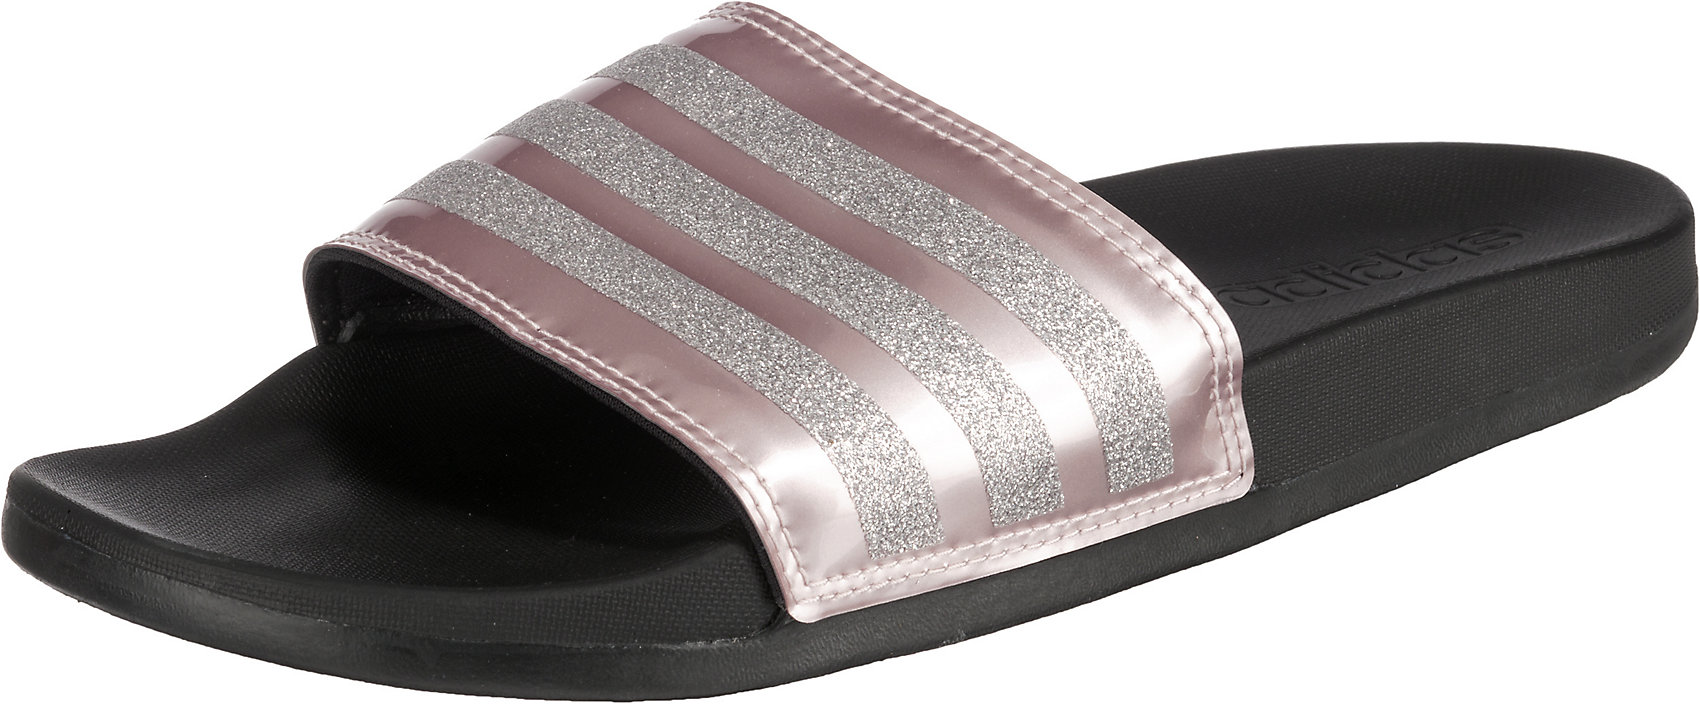 Details zu Neu adidas Performance ADILETTE COMFORT Badelatschen 10087214  für Damen